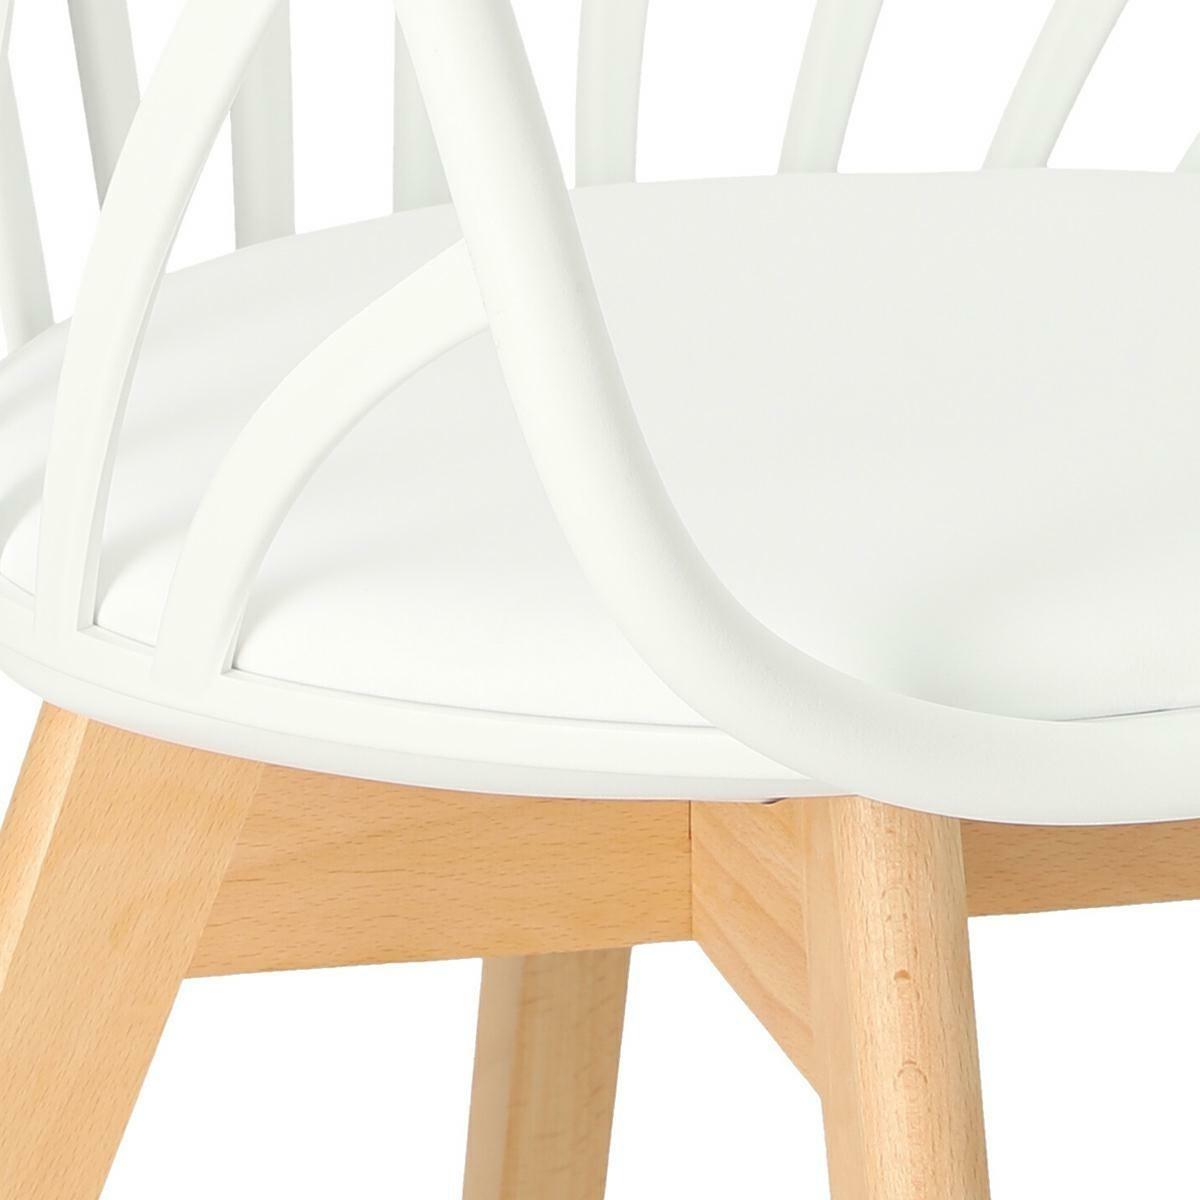 Krzesło Sirena z podłokietnikami białe - zdjęcie nr 11